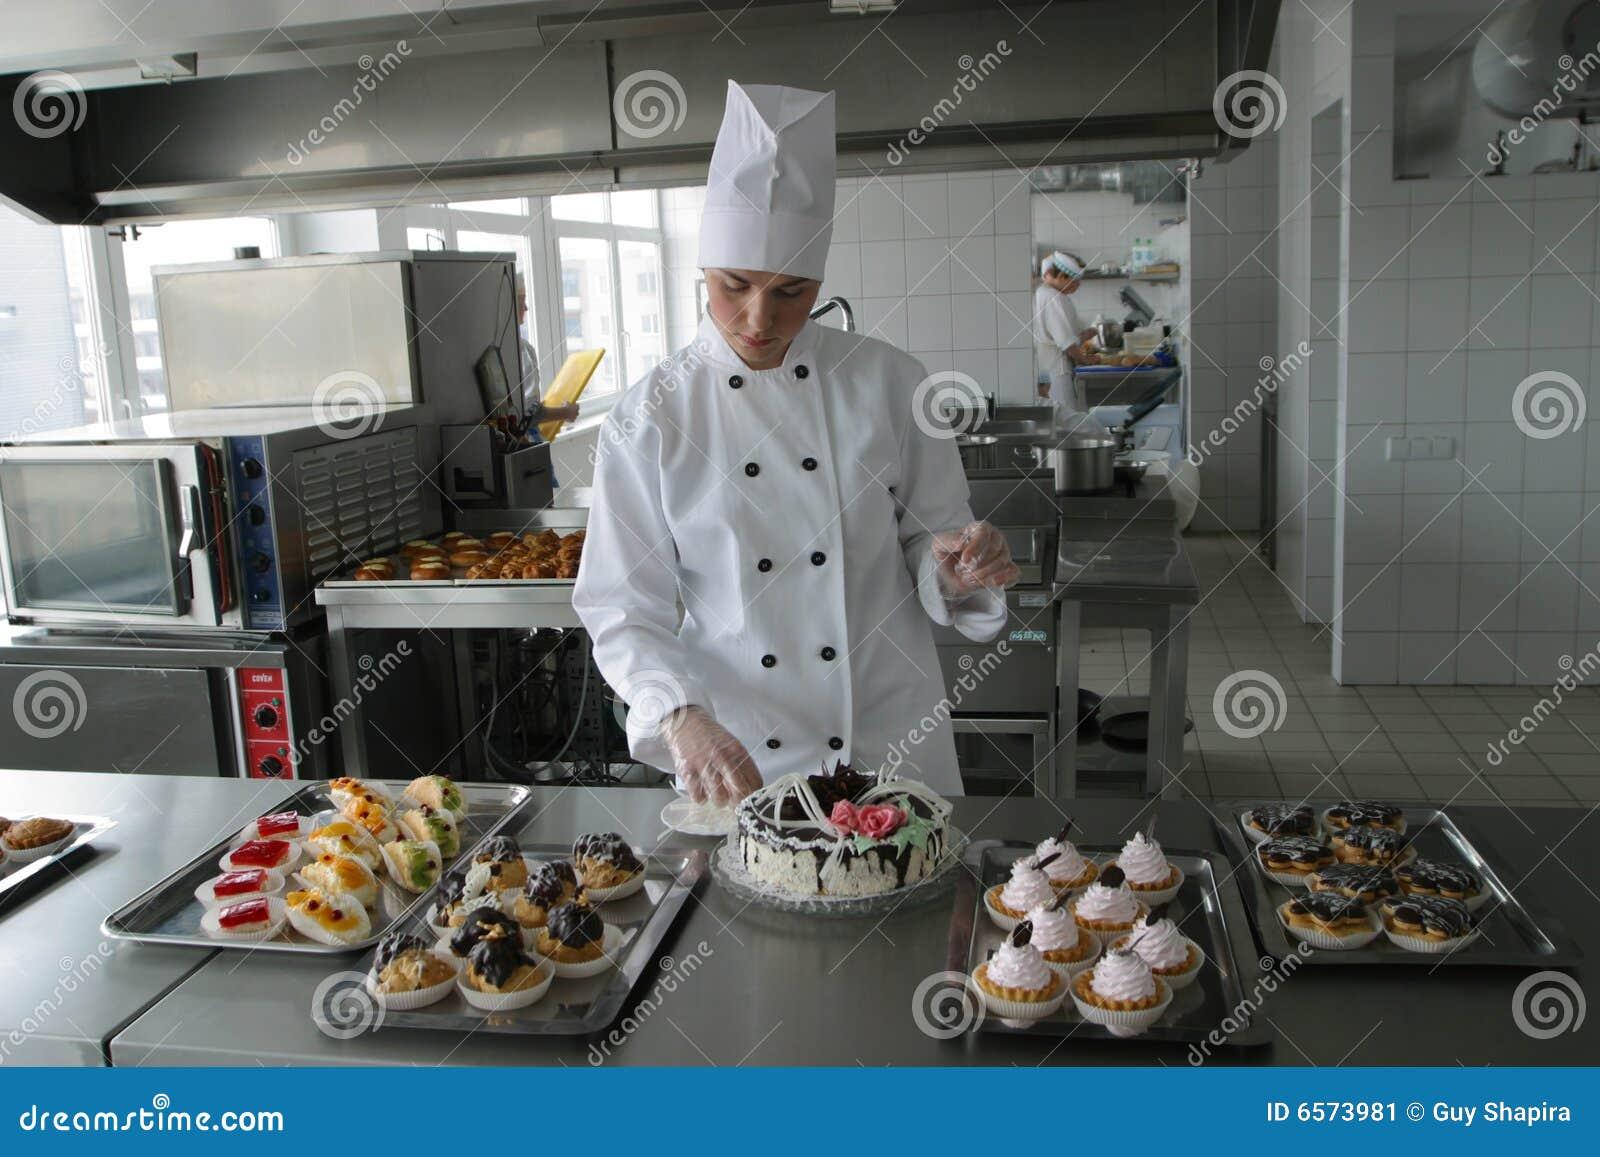 Cook on kitchen